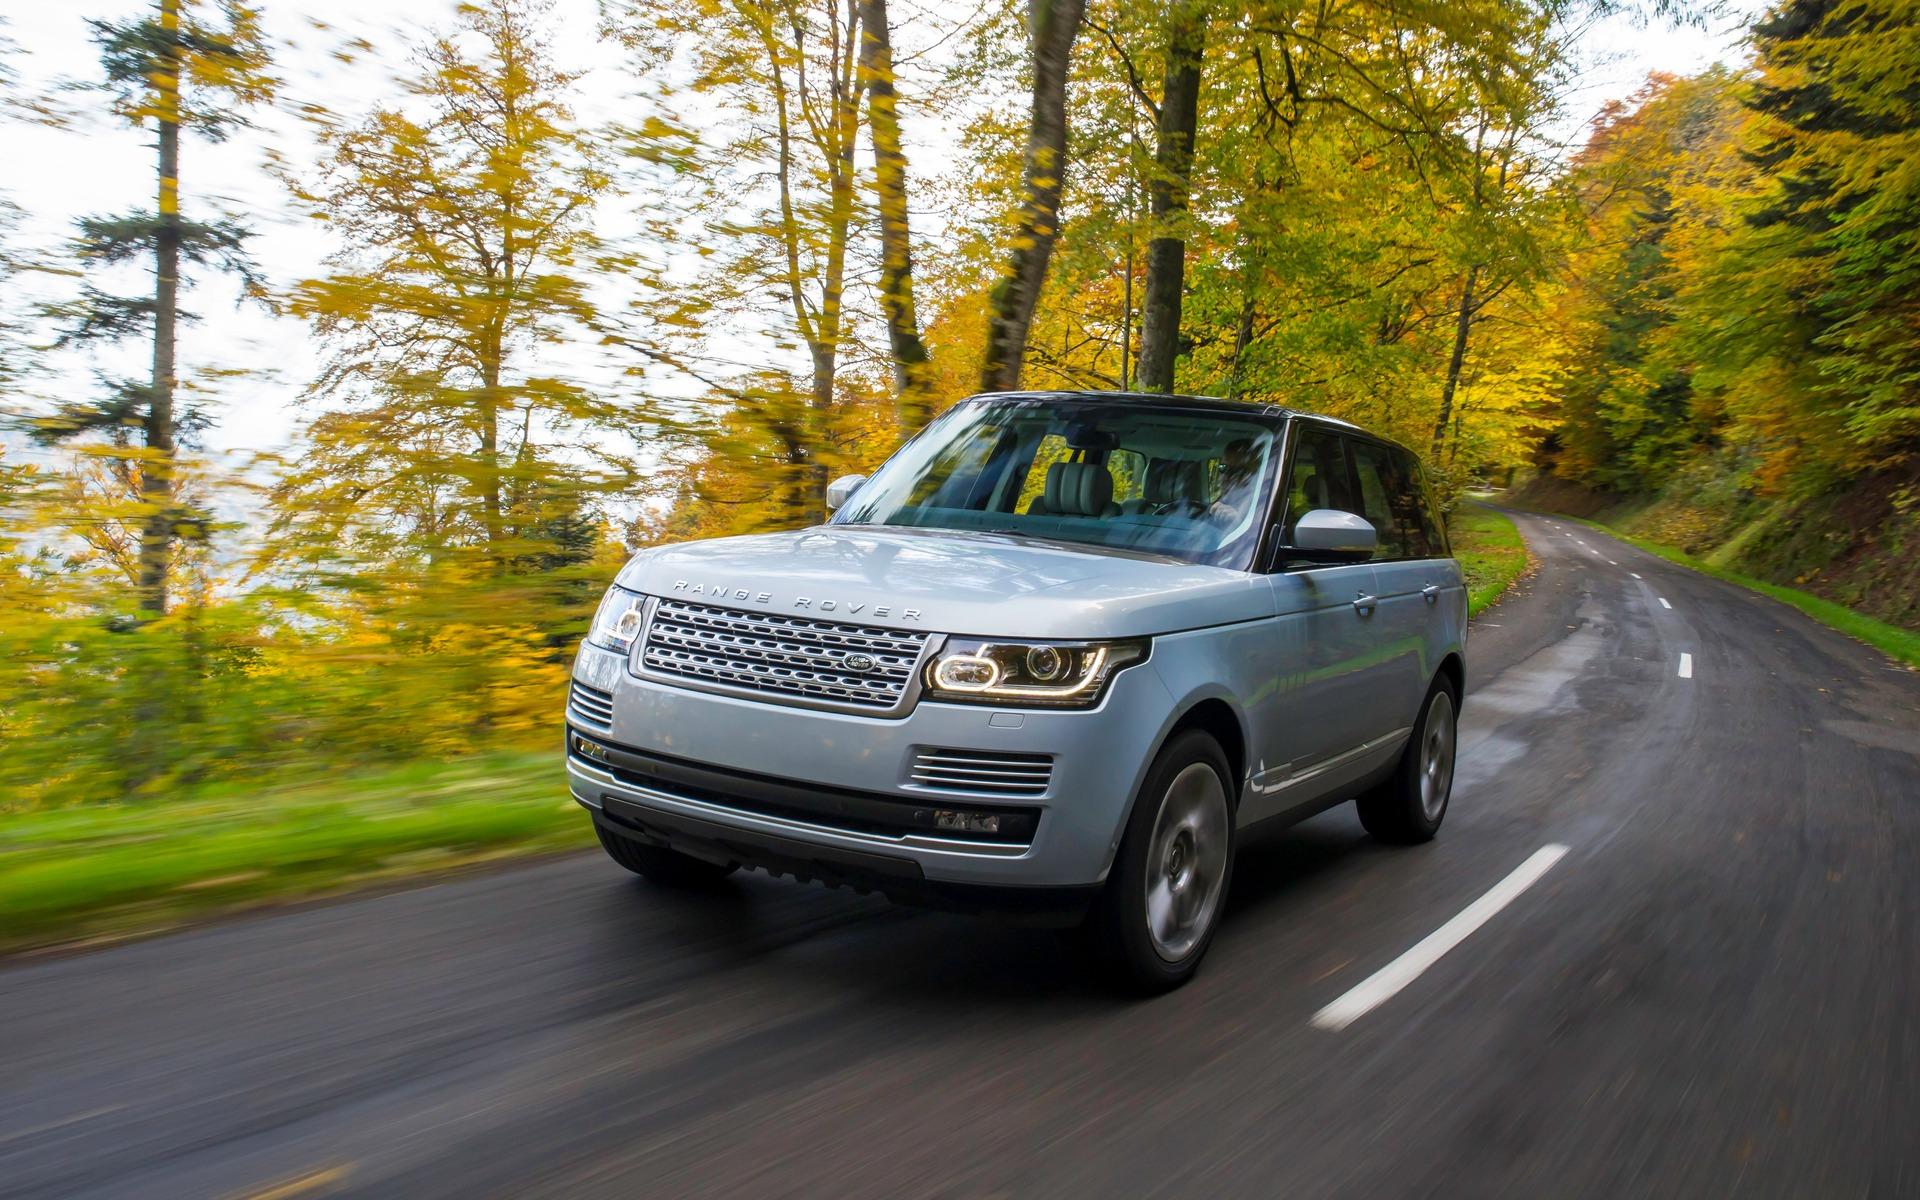 2017 Land Rover Range Rover photos 1 4 The Car Guide